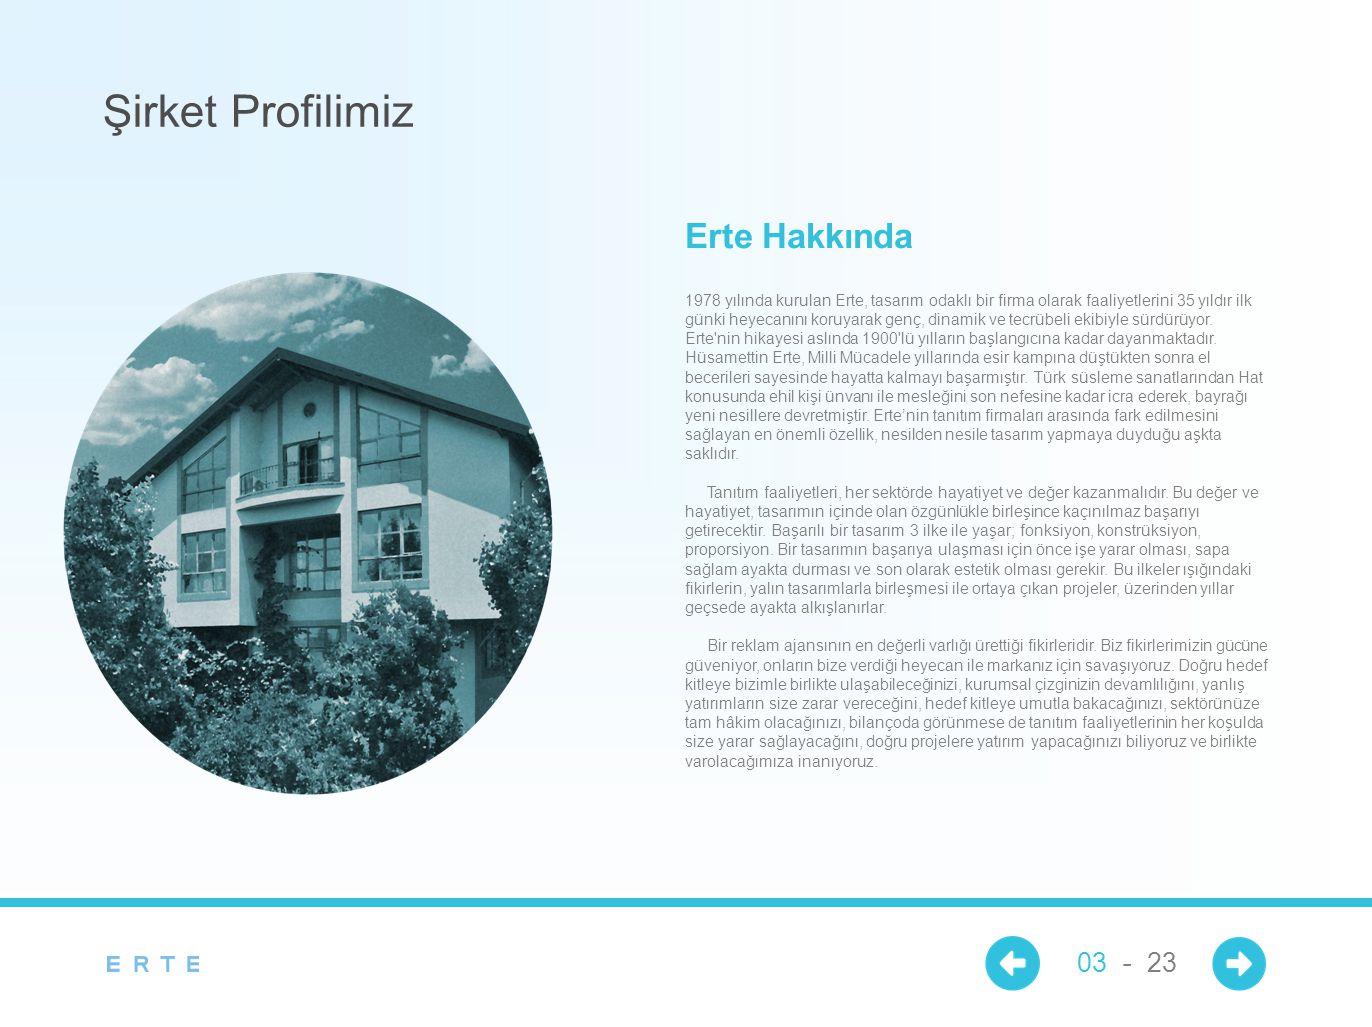 1978 yılında kurulan Erte, tasarım odaklı bir firma olarak faaliyetlerini 35 yıldır ilk günki heyecanını koruyarak genç, dinamik ve tecrübeli ekibiyle sürdürüyor.